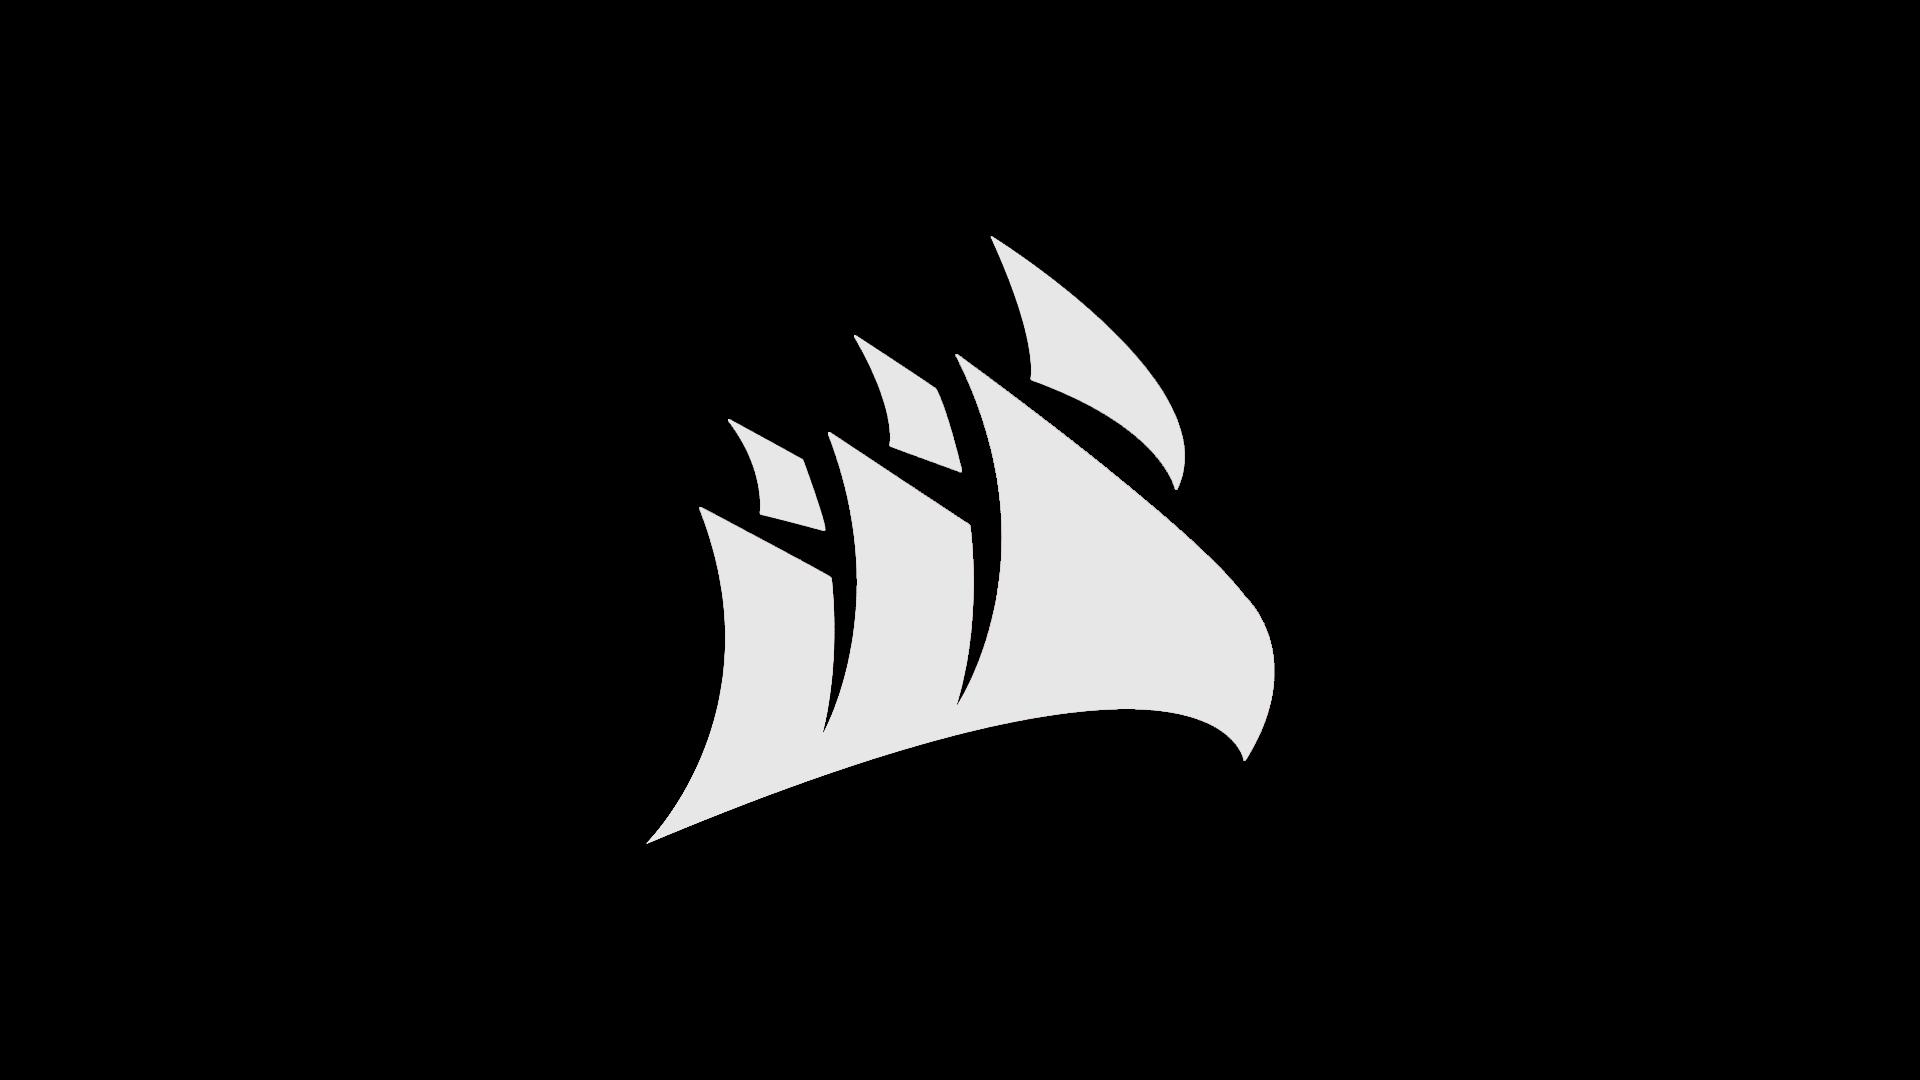 デスクトップ壁紙 図 ミニマリズム ロゴ Pcゲーム 海賊 ブランド 翼 コンピュータの壁紙 黒と白 モノクロ写真 フォント 19x1080 Hanako デスクトップ壁紙 Wallhere